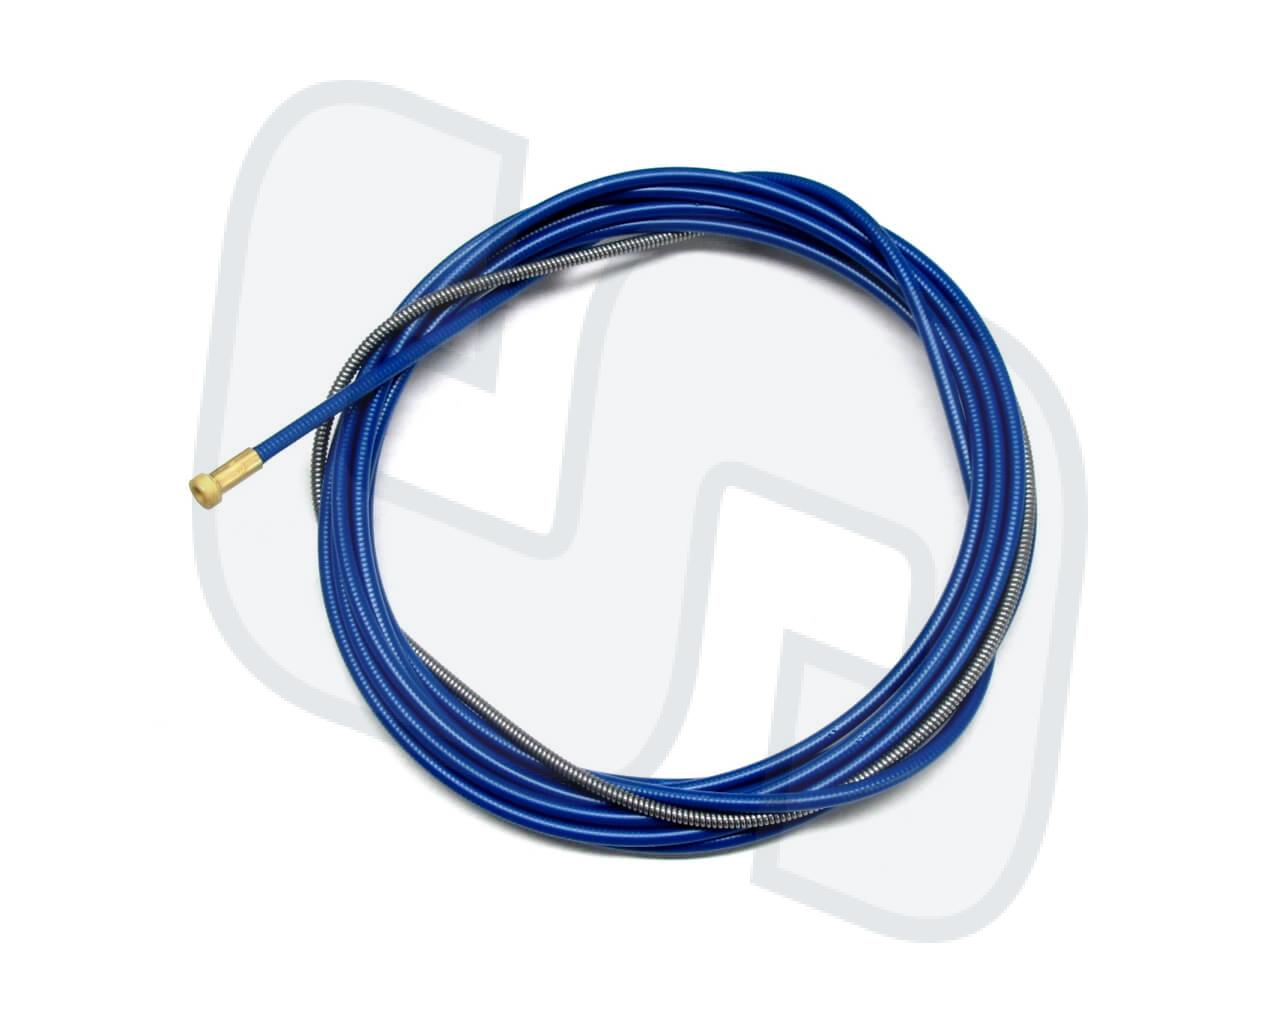 Drahtführungsspirale 1.5x4.5mm blau 3m. Für 0.8-1.0mm